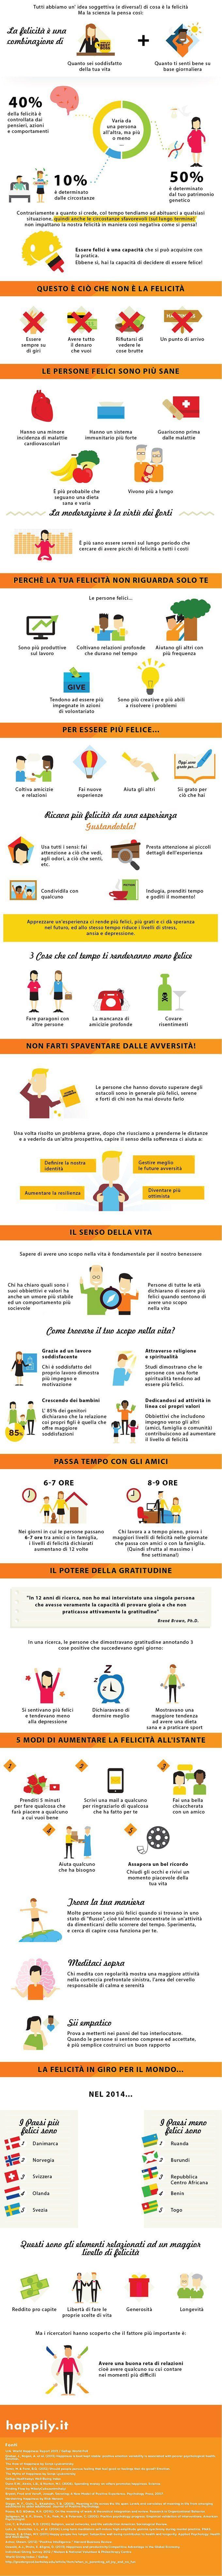 La Scienza della Felicità - Infografica - FONTE: Happily.it